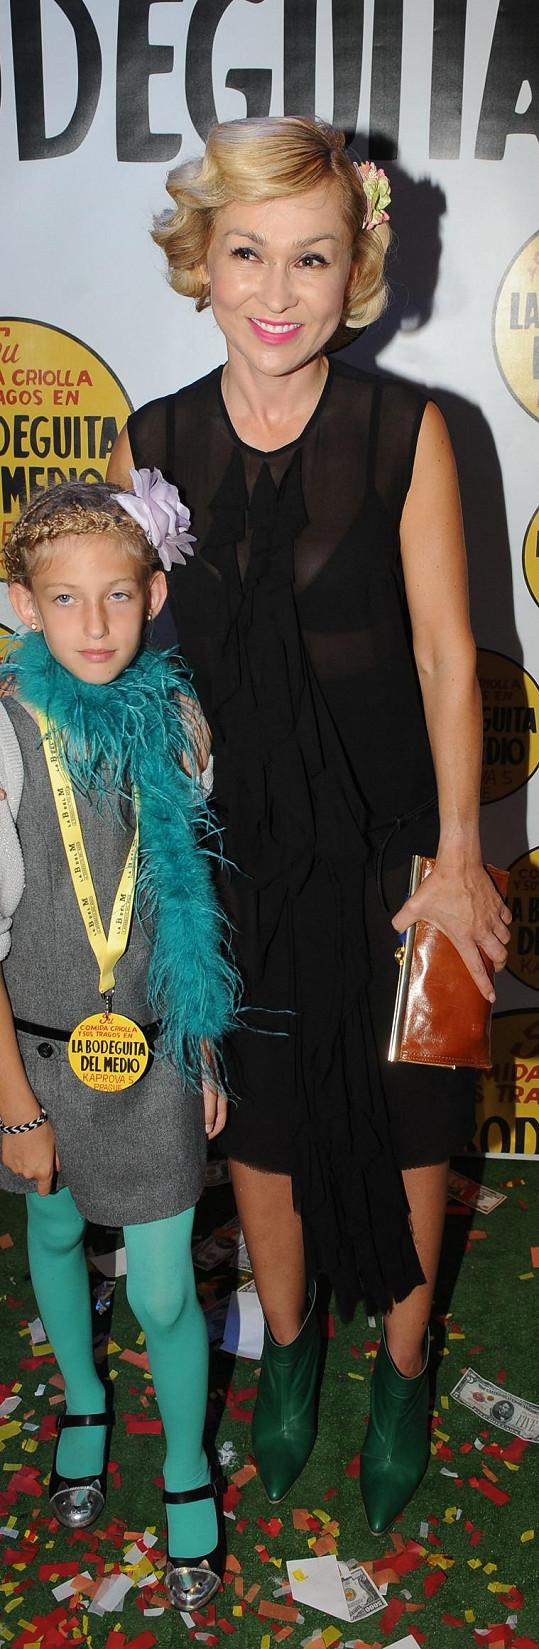 Kateřina Hrachovcová si dala záležet na účesu, outfit nebyl zrovna v předepsaném stylu.